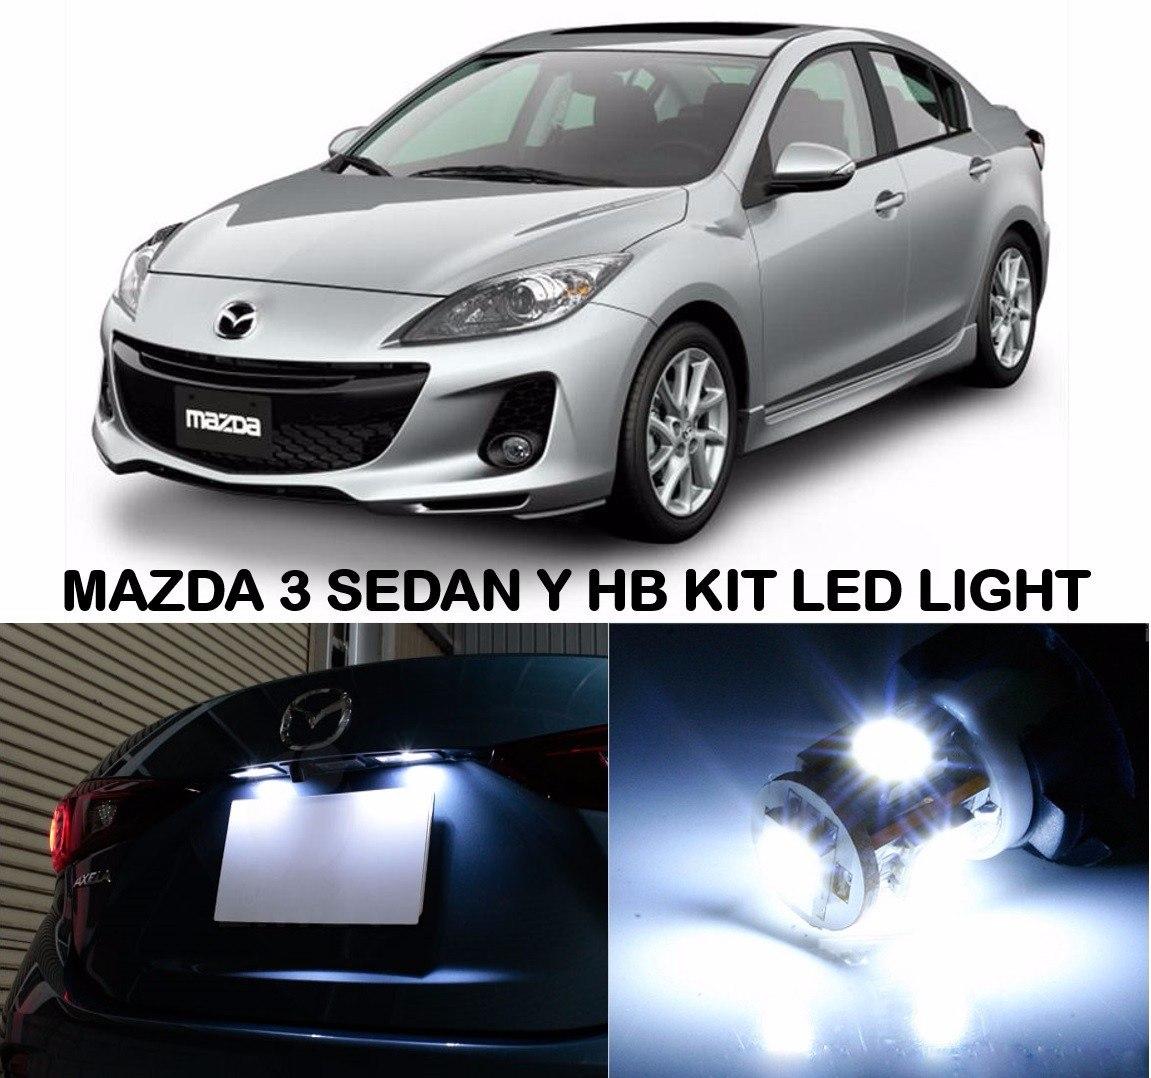 Luces Led Mazda 3 2010 Al 2012 Interior Portaplacas En Mercado Libre